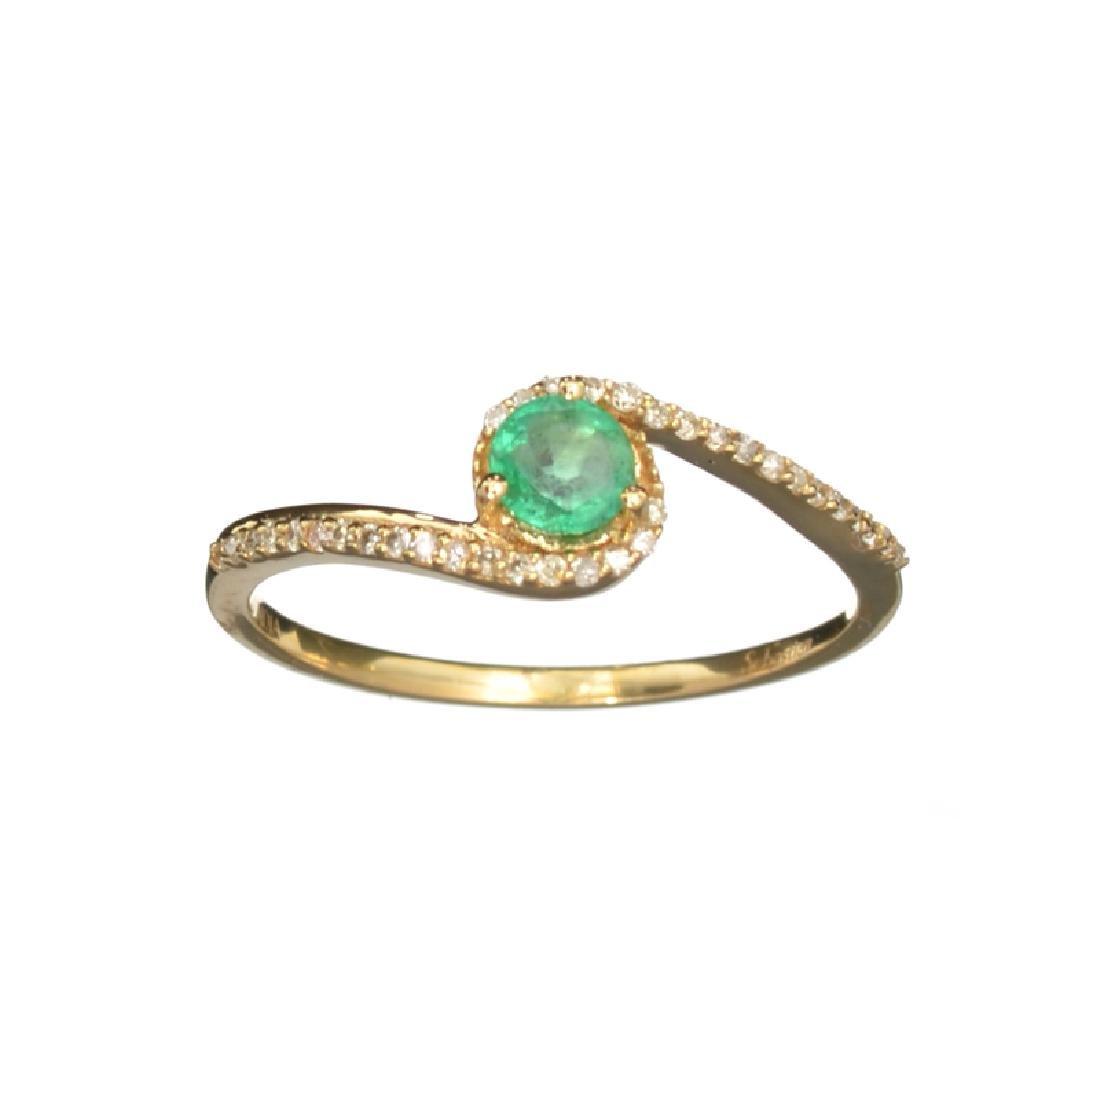 APP: 0.8k Fine Jewelry, Designer Sebastian 14KT Gold,